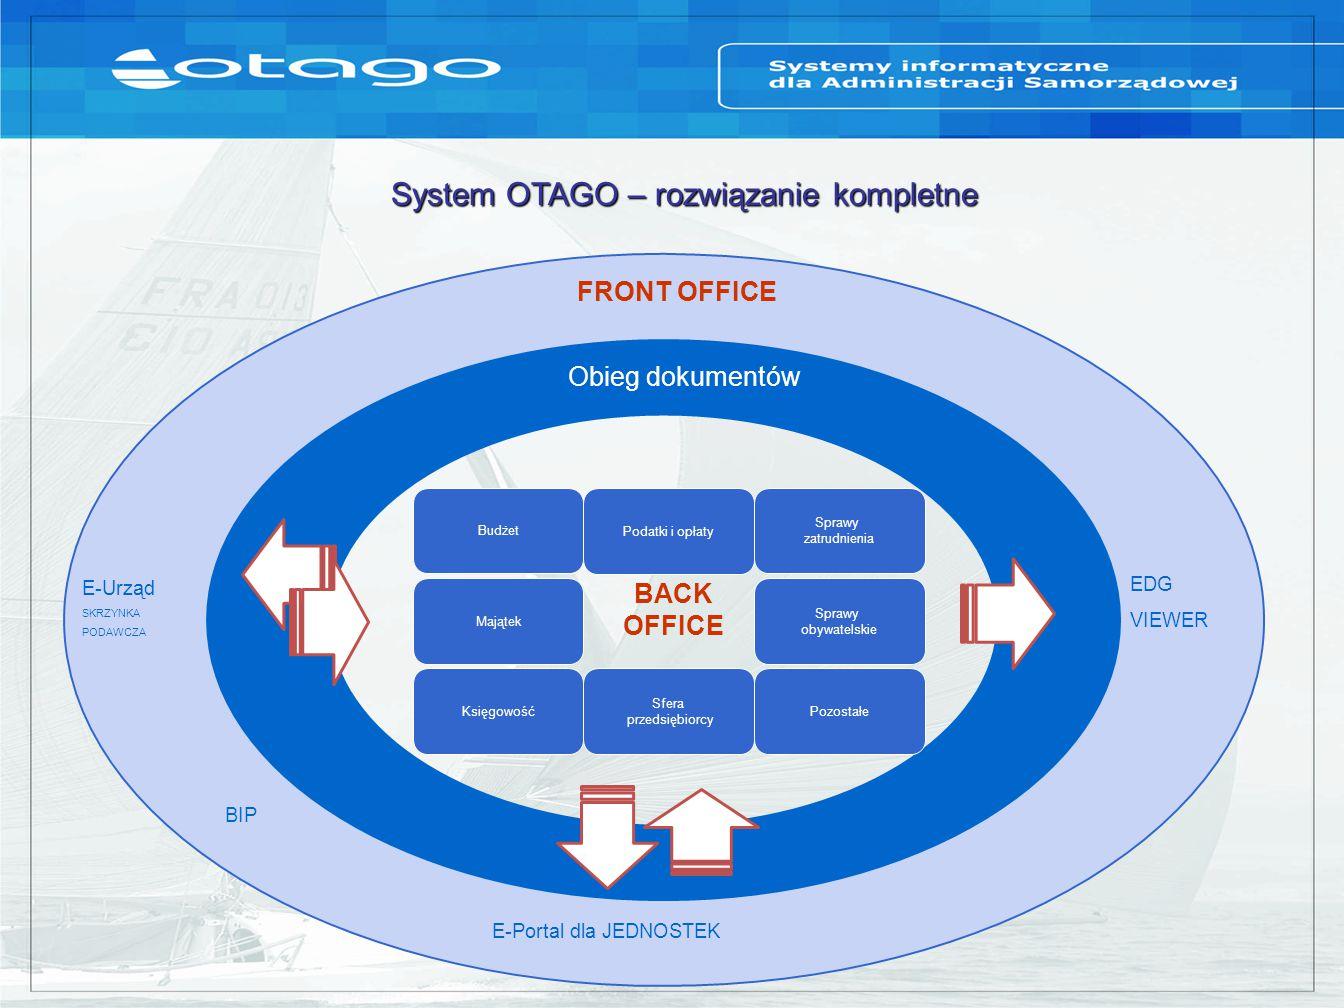 System OTAGO – rozwiązanie kompletne EDG VIEWER FRONT OFFICE BACK OFFICE E-Urząd SKRZYNKA PODAWCZA BIP E-Portal dla JEDNOSTEK Budżet Podatki i opłaty Majątek Sprawy zatrudnienia Sprawy obywatelskie Sfera przedsiębiorcy PozostałeKsięgowość Obieg dokumentów